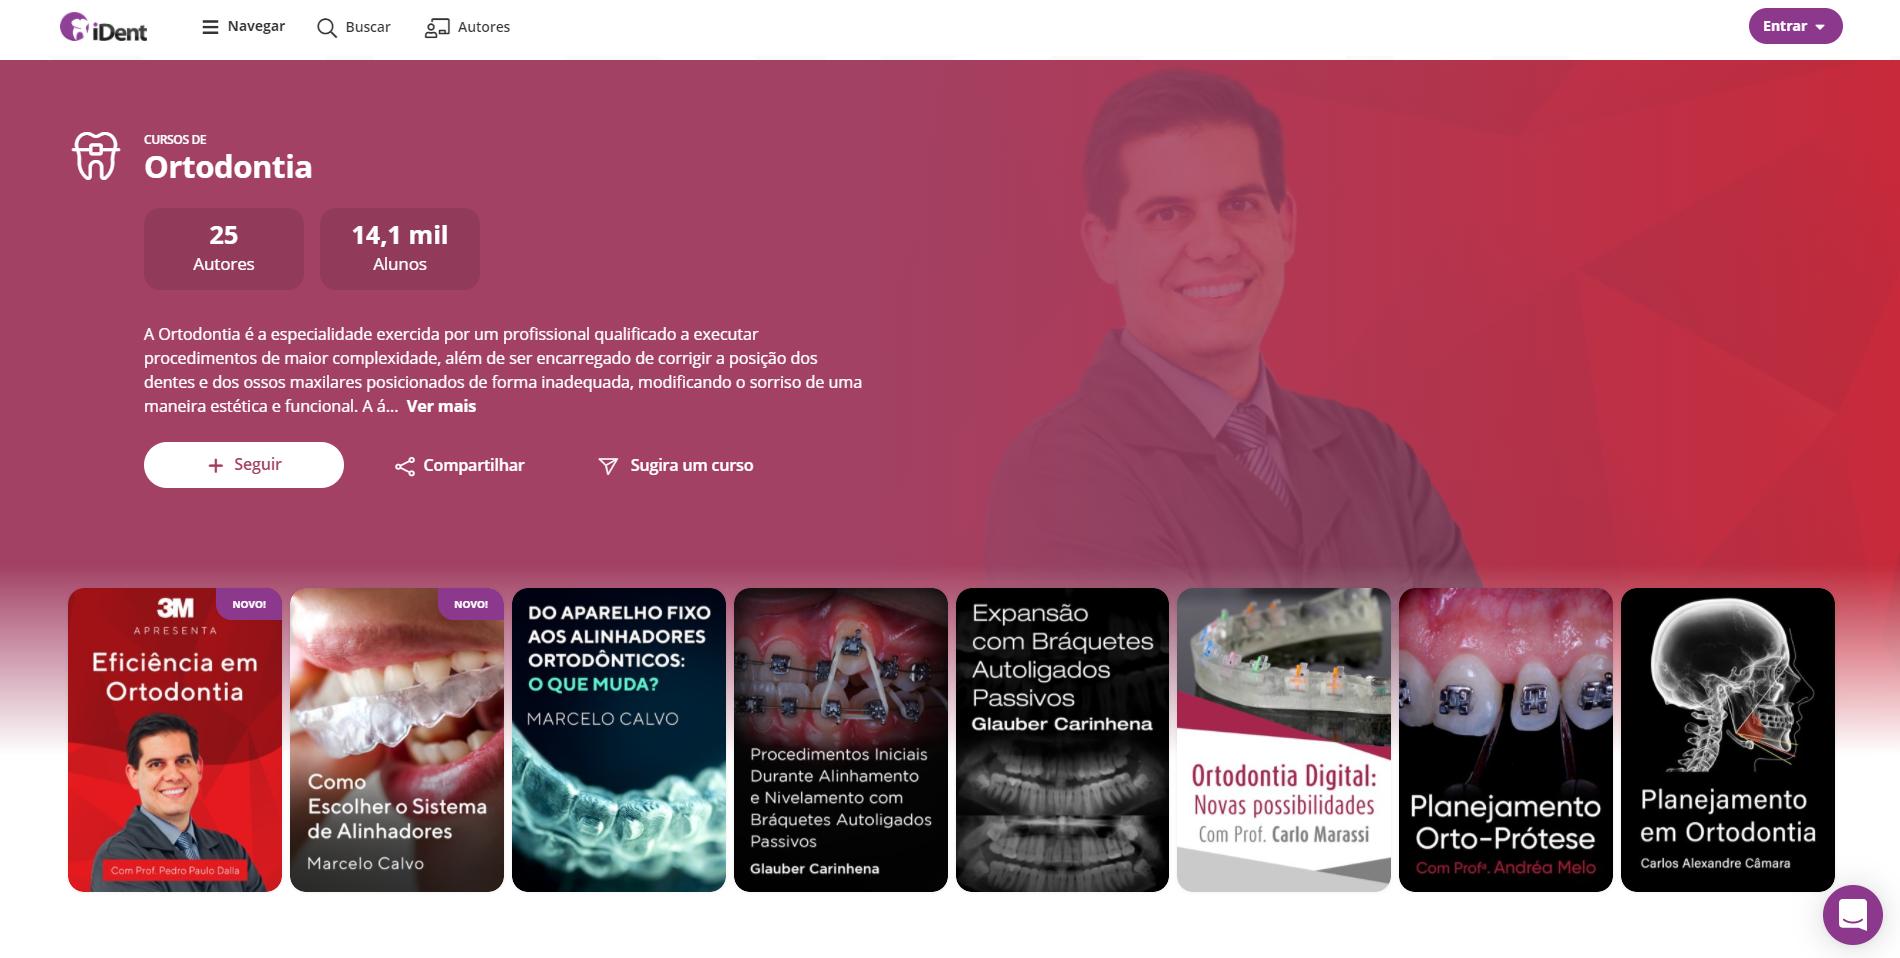 capa de especialidade de cursos de odontologia na especialidade ortodontia